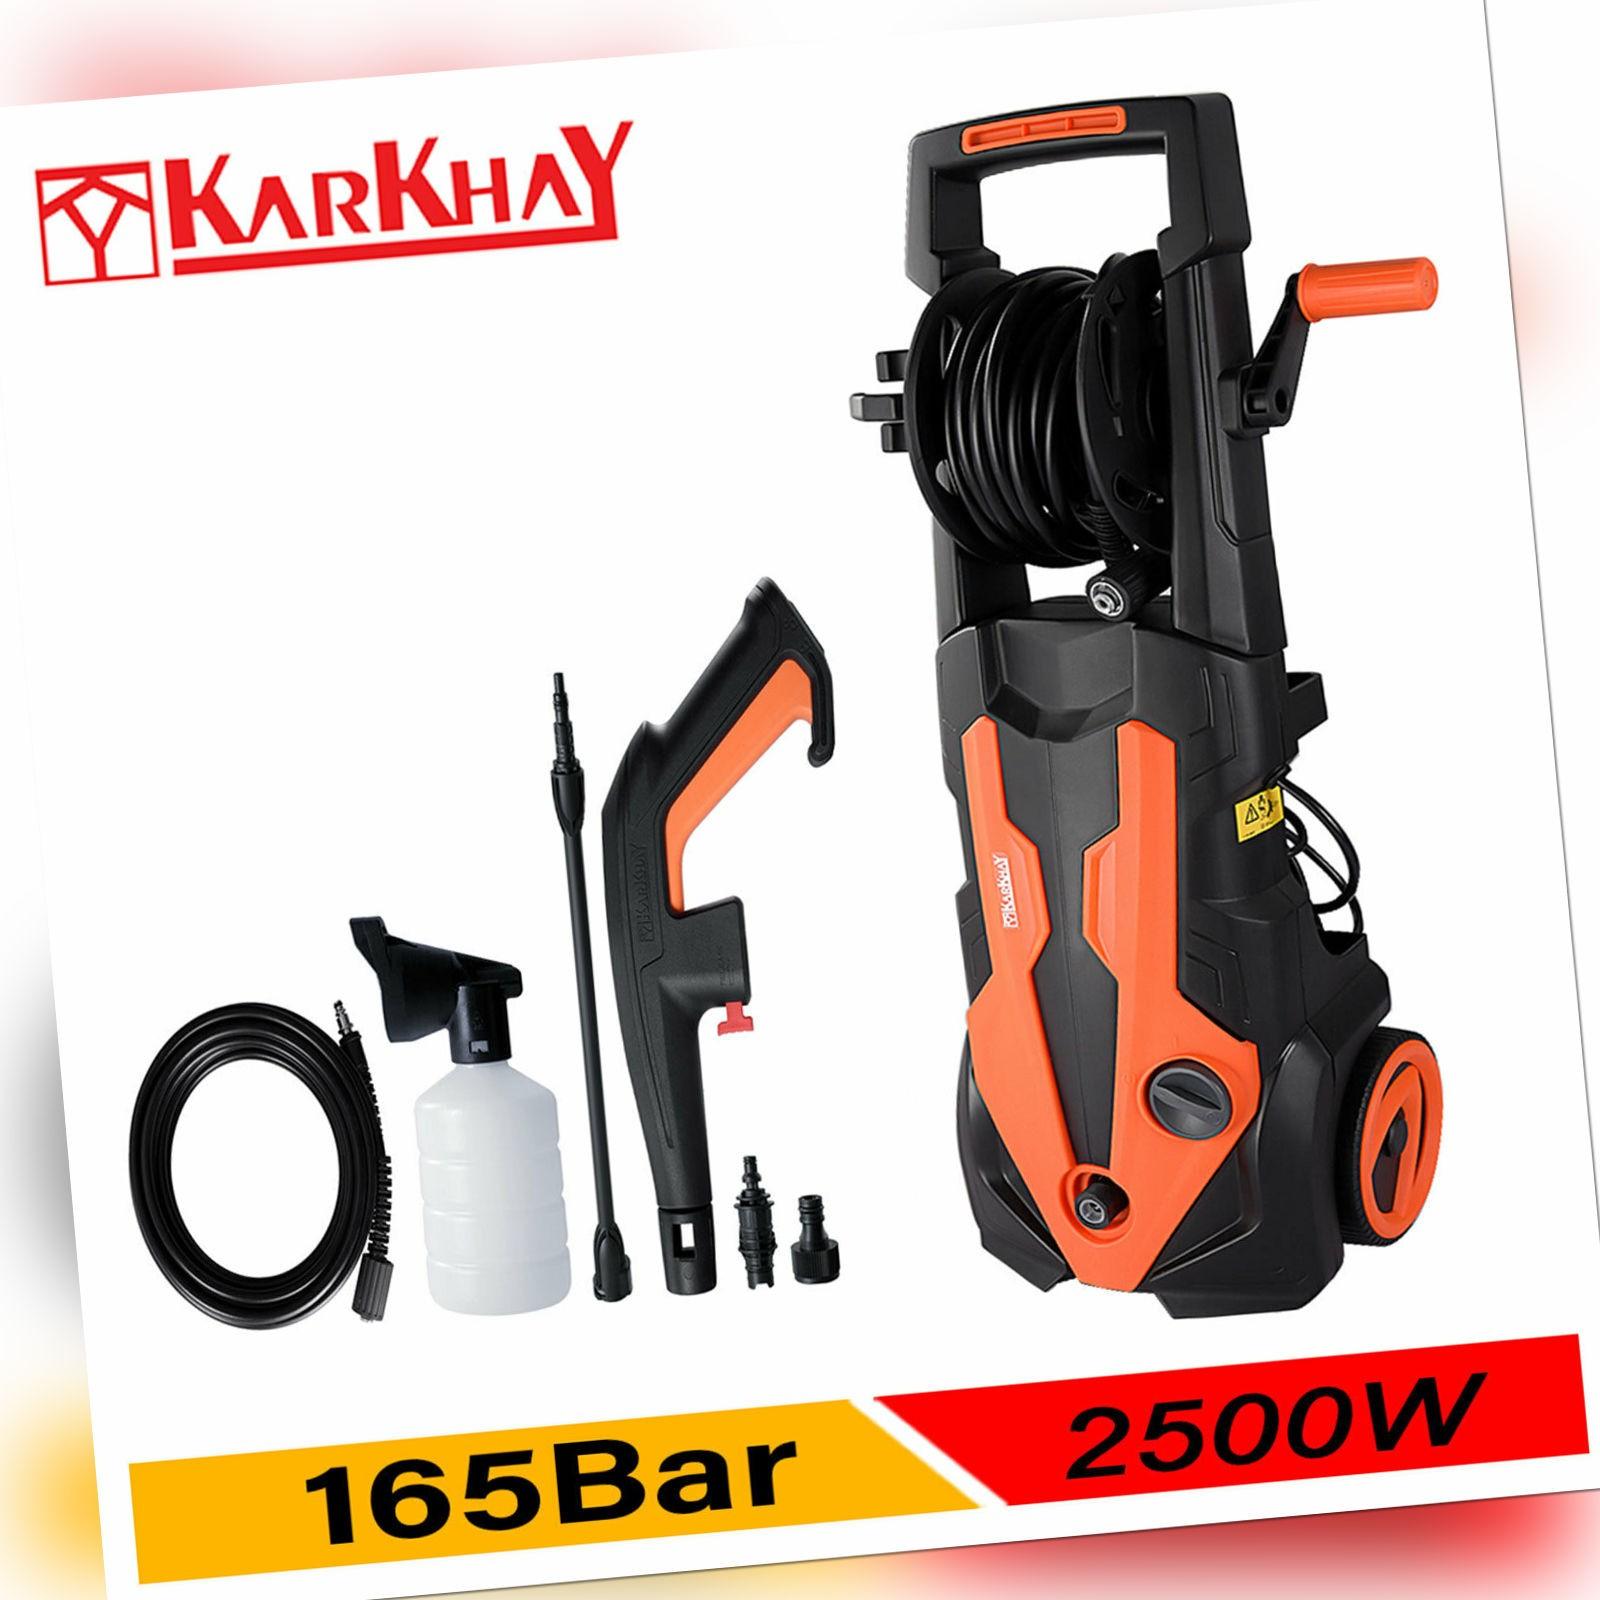 Karkhay Hochdruckreiniger Elektro 2500W 180bar Schlauchtrommel 5m Schlauch DE